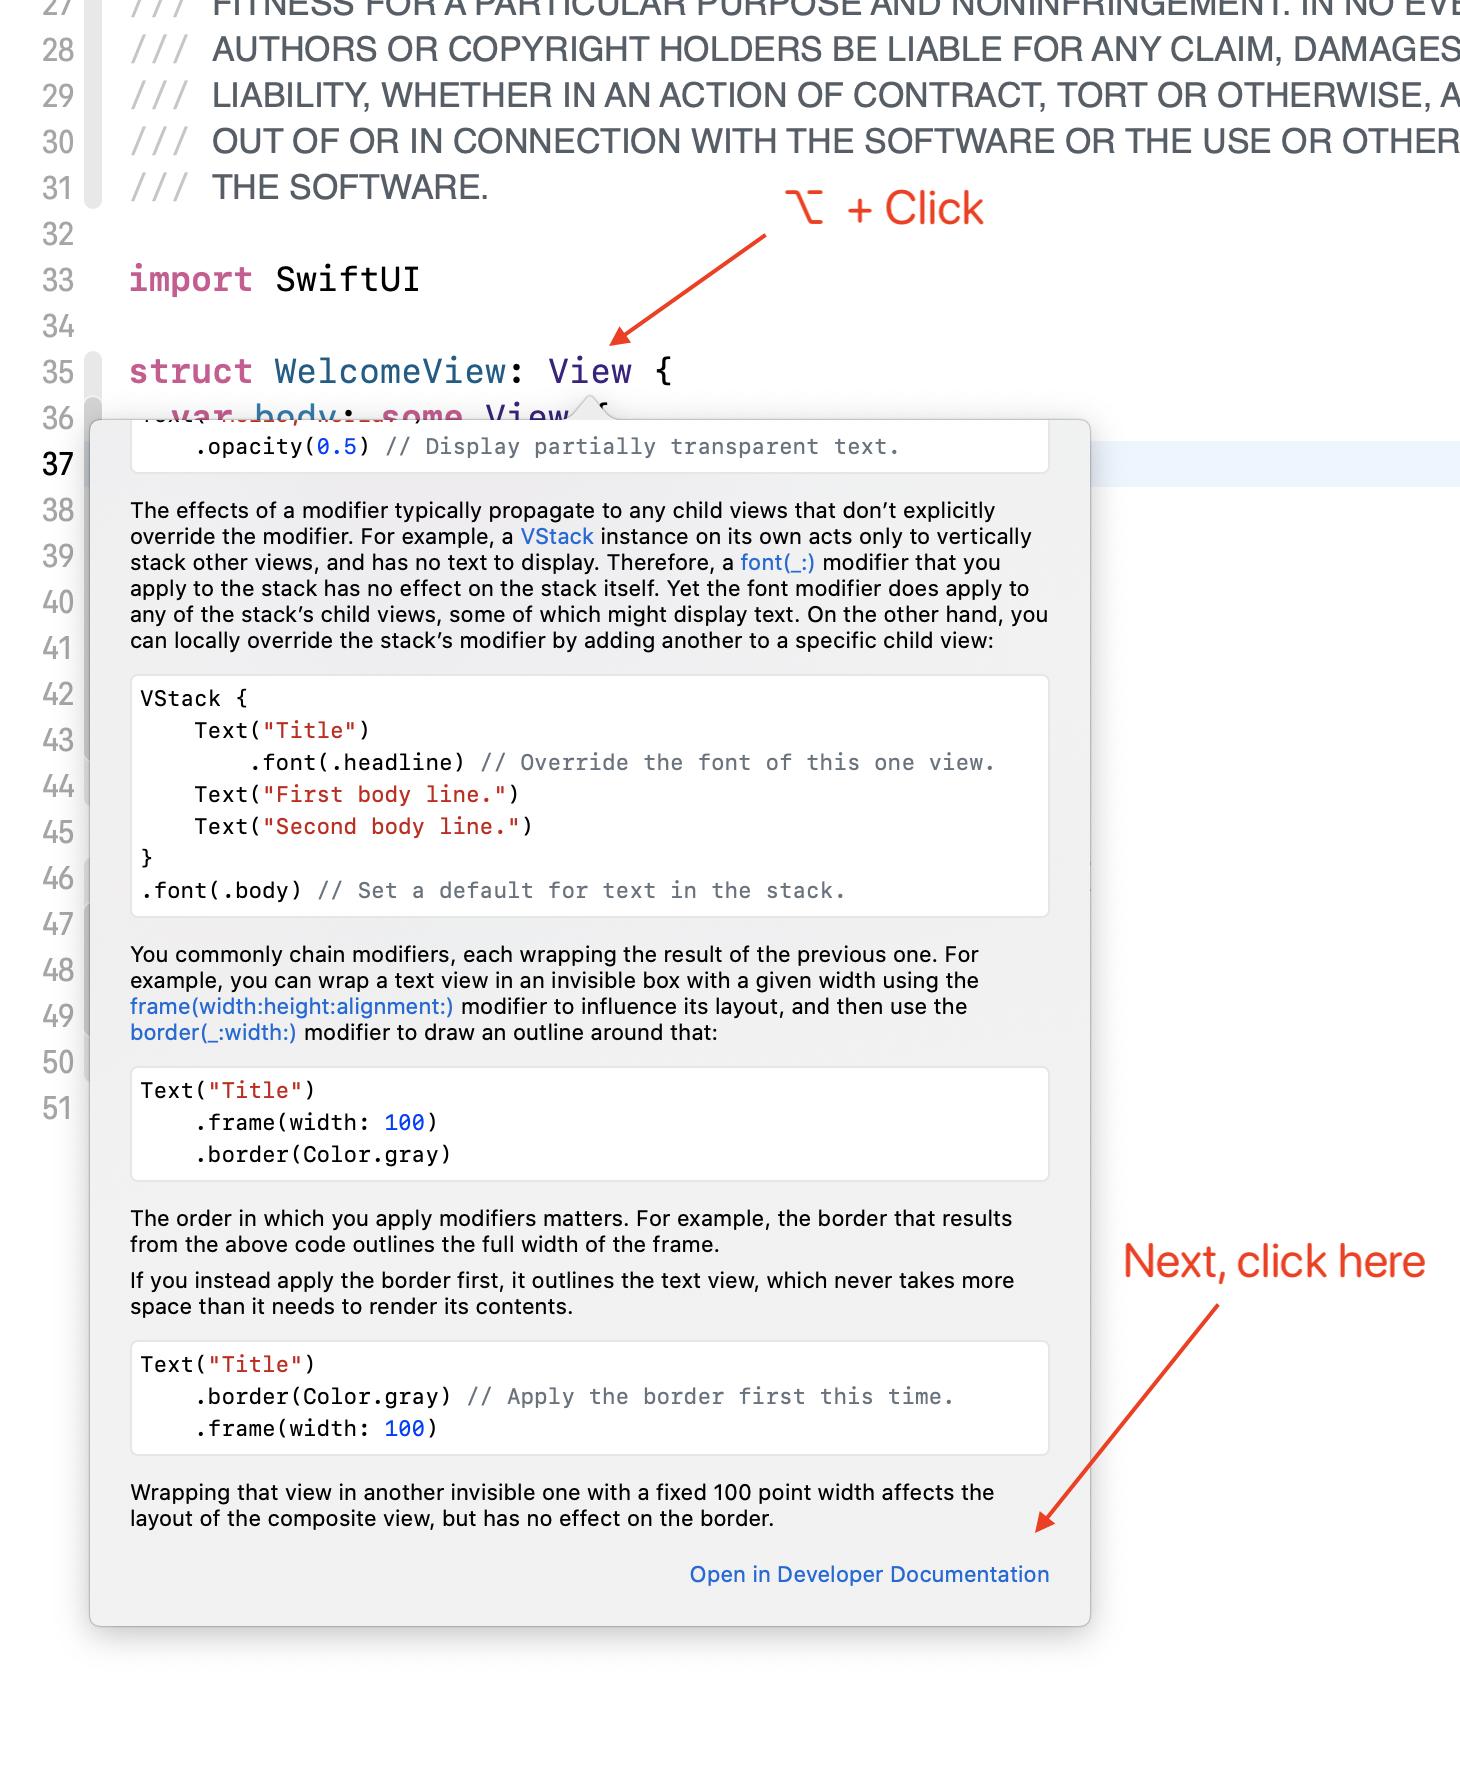 XCode documentation